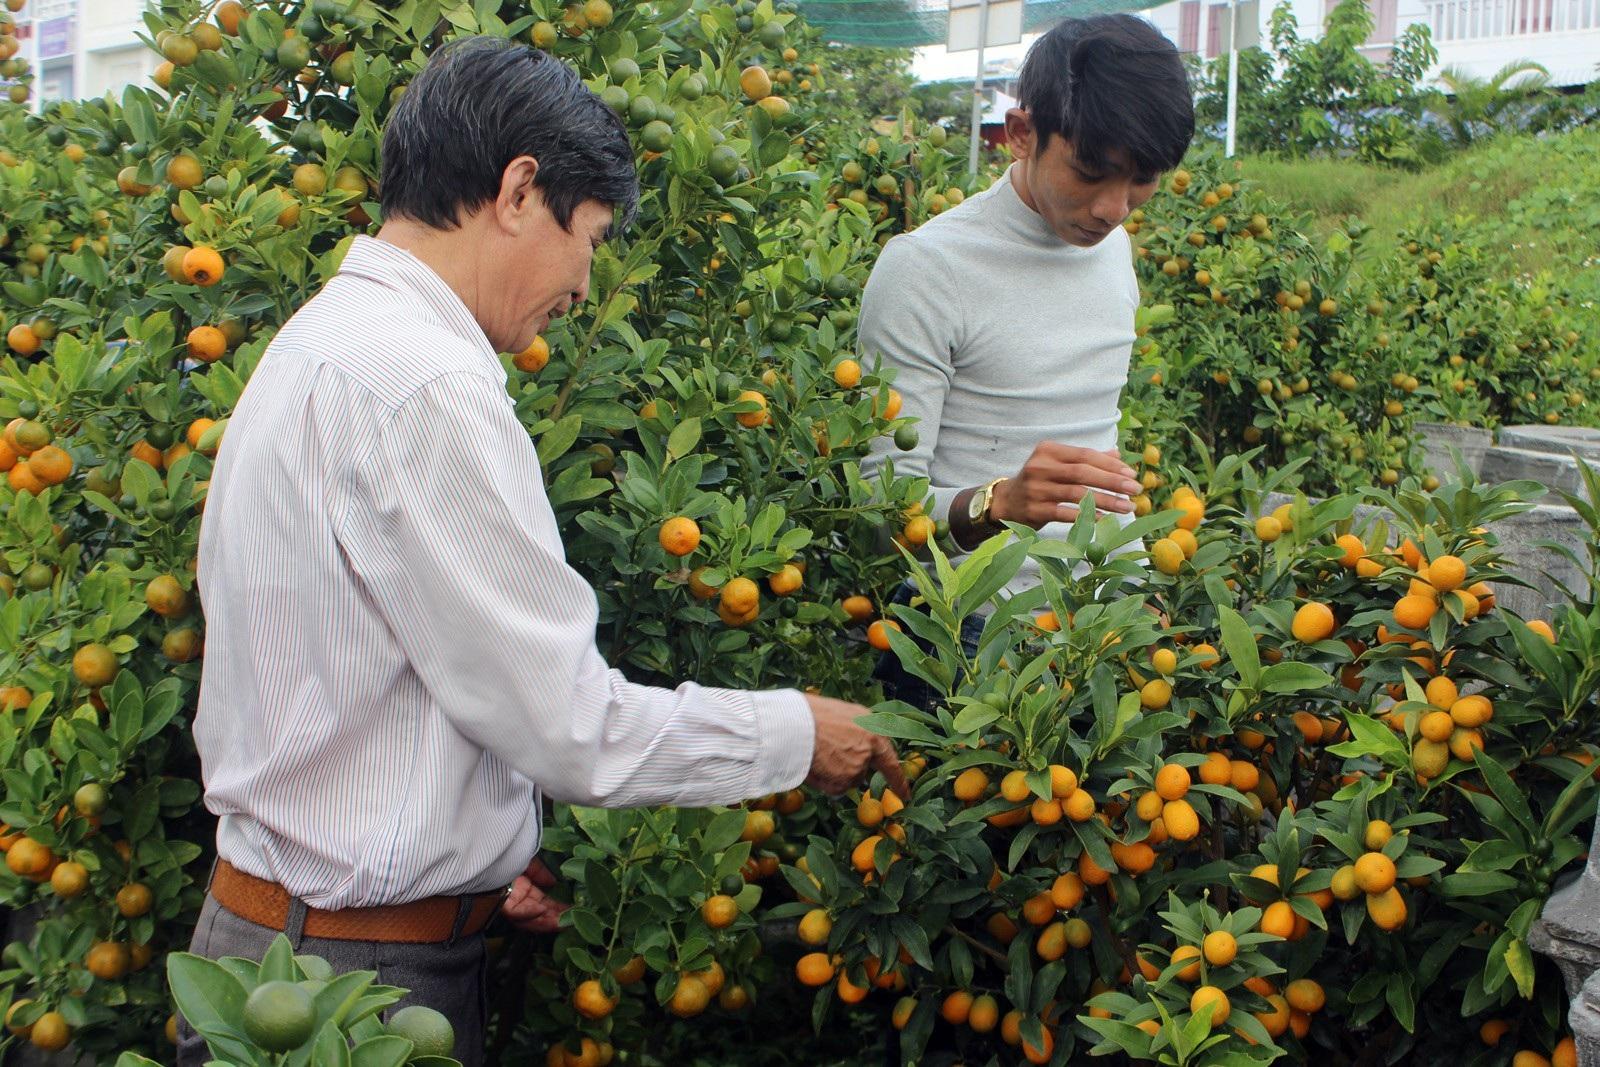 Giáp Tết: Về Phú Yên ngắm vườn quất vàng óng thu tiền triệu - Ảnh 8.